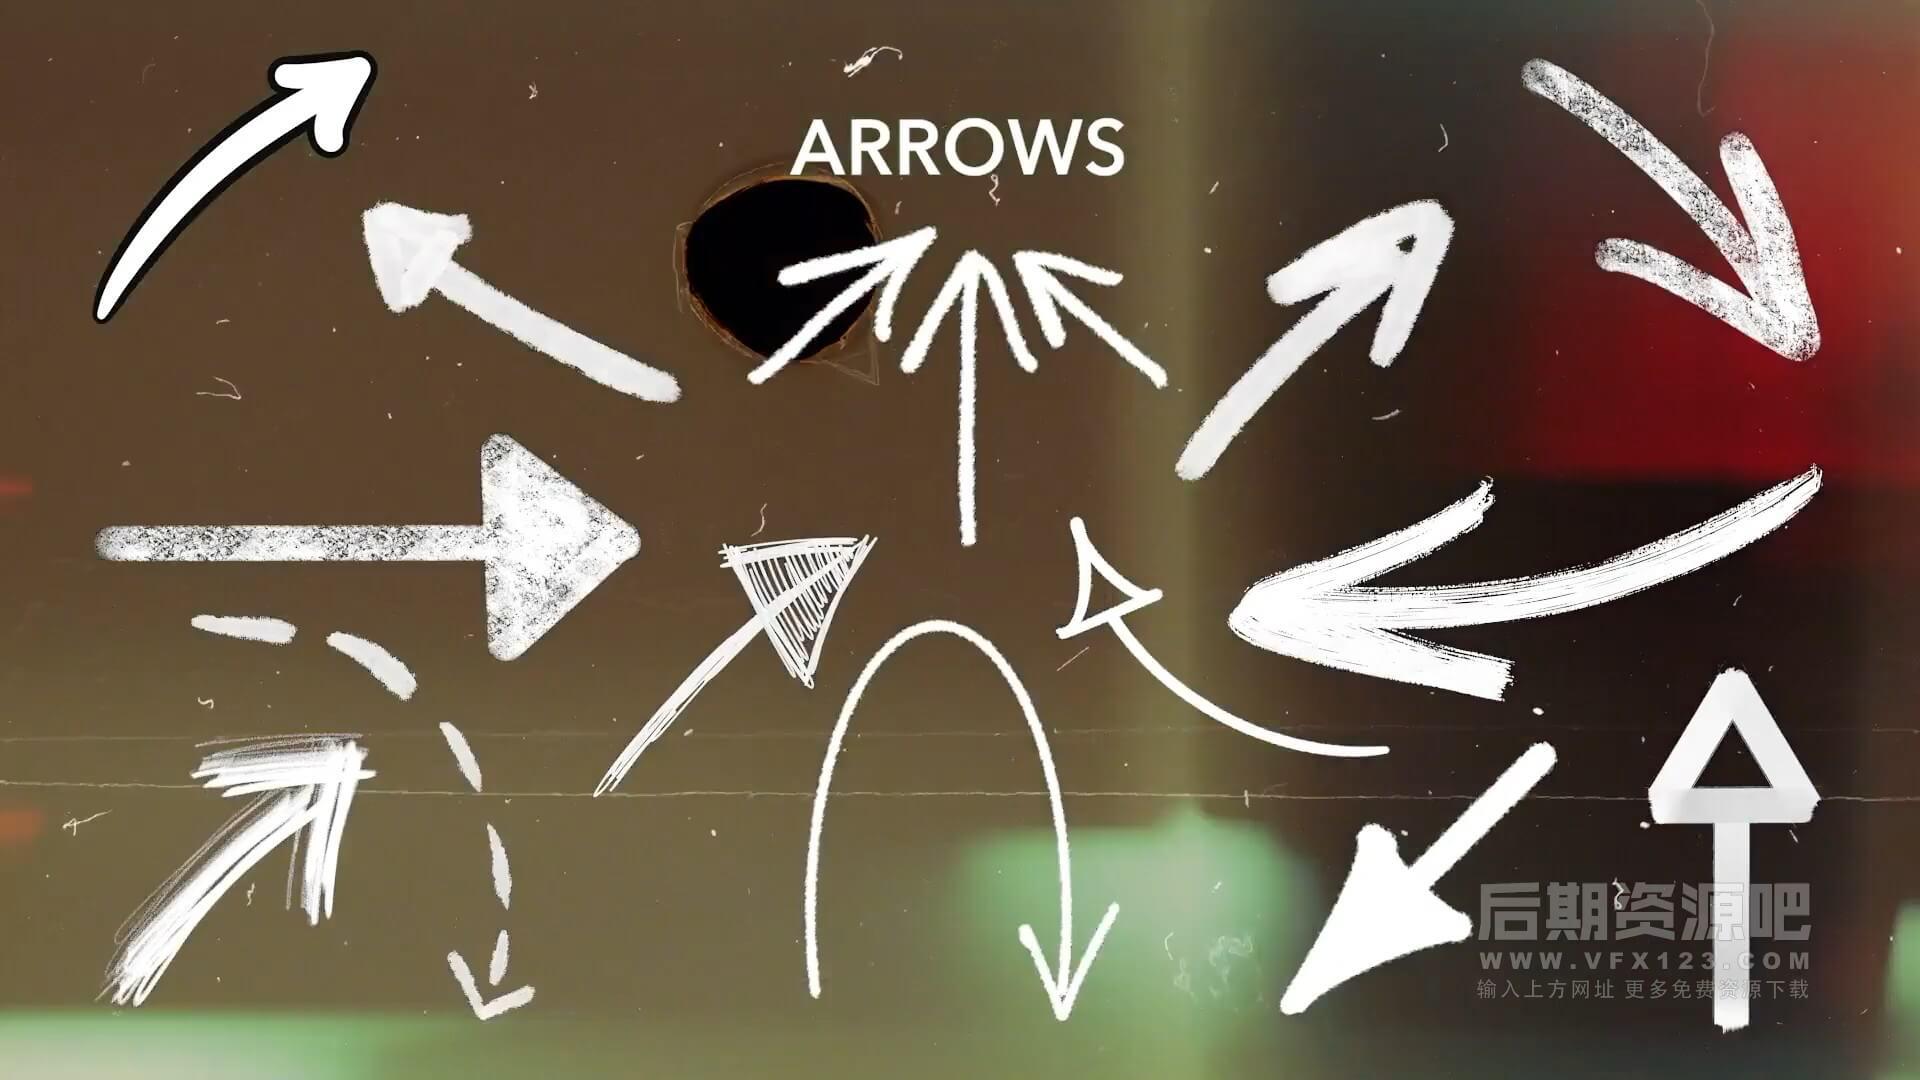 动态素材 370+手绘涂鸦箭头圆圈线条形状划痕笔刷标记等 ANIMATED MARKERS